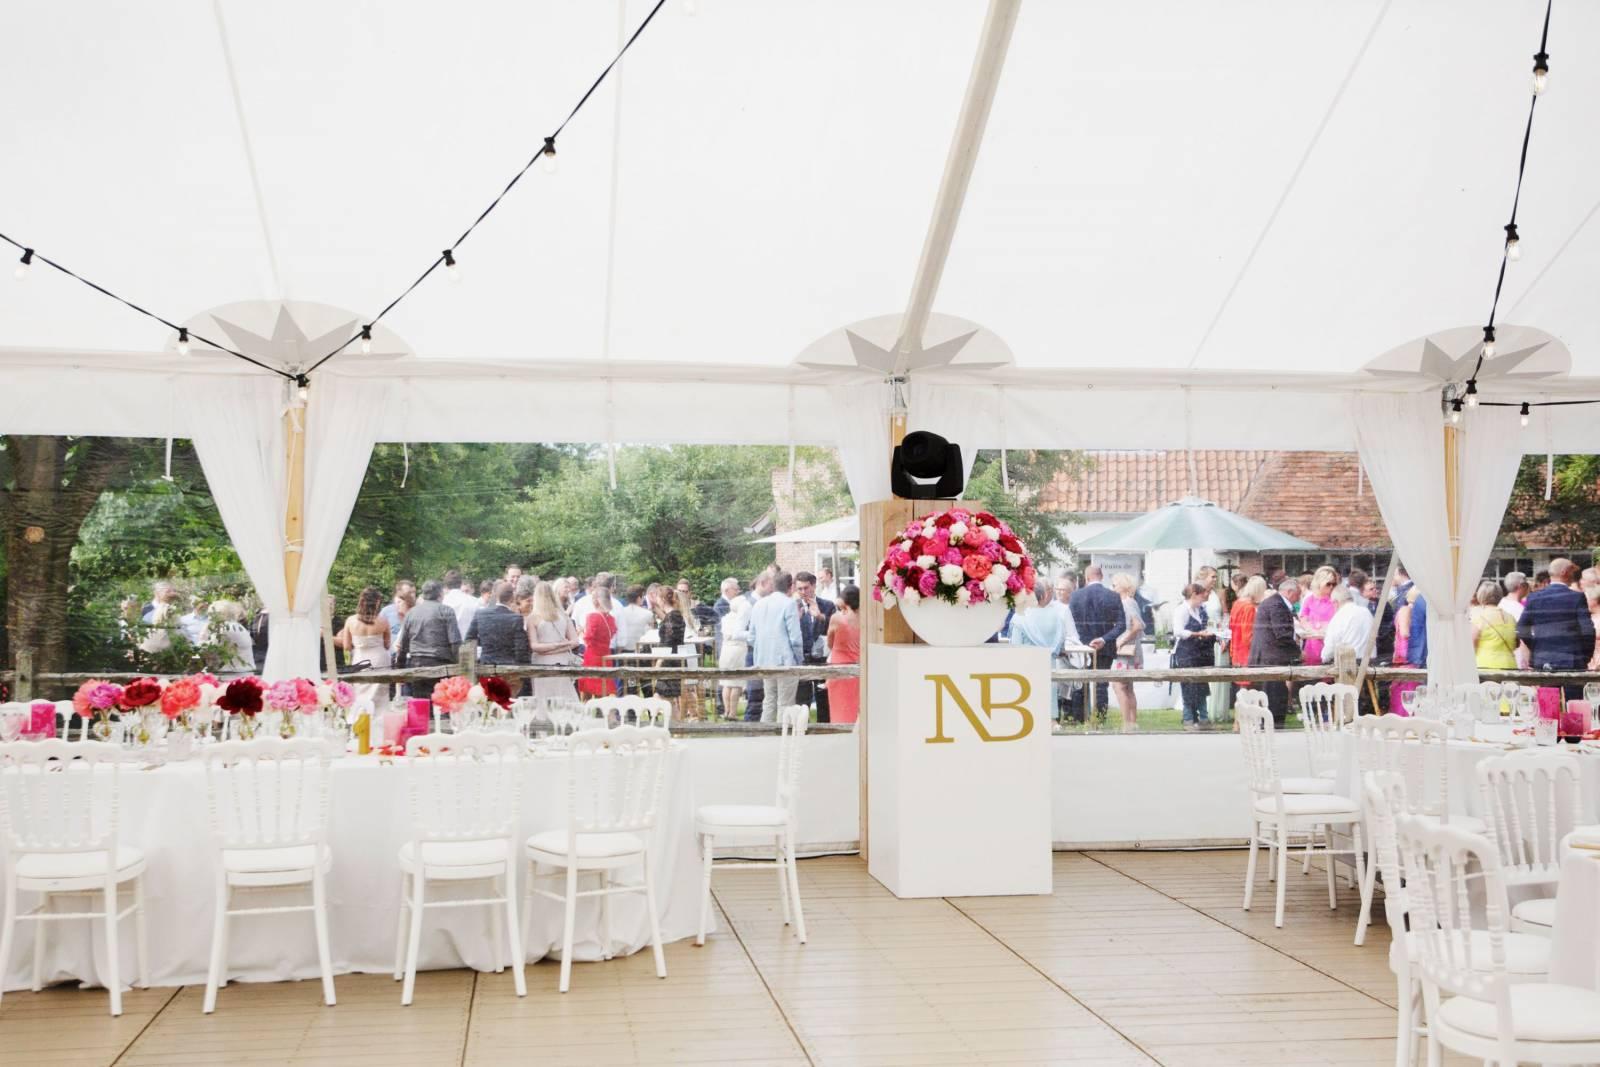 Altiro Tenten - Wedding Tent - Feesttent - Huwelijk trouw bruiloft - House of Weddings - 16